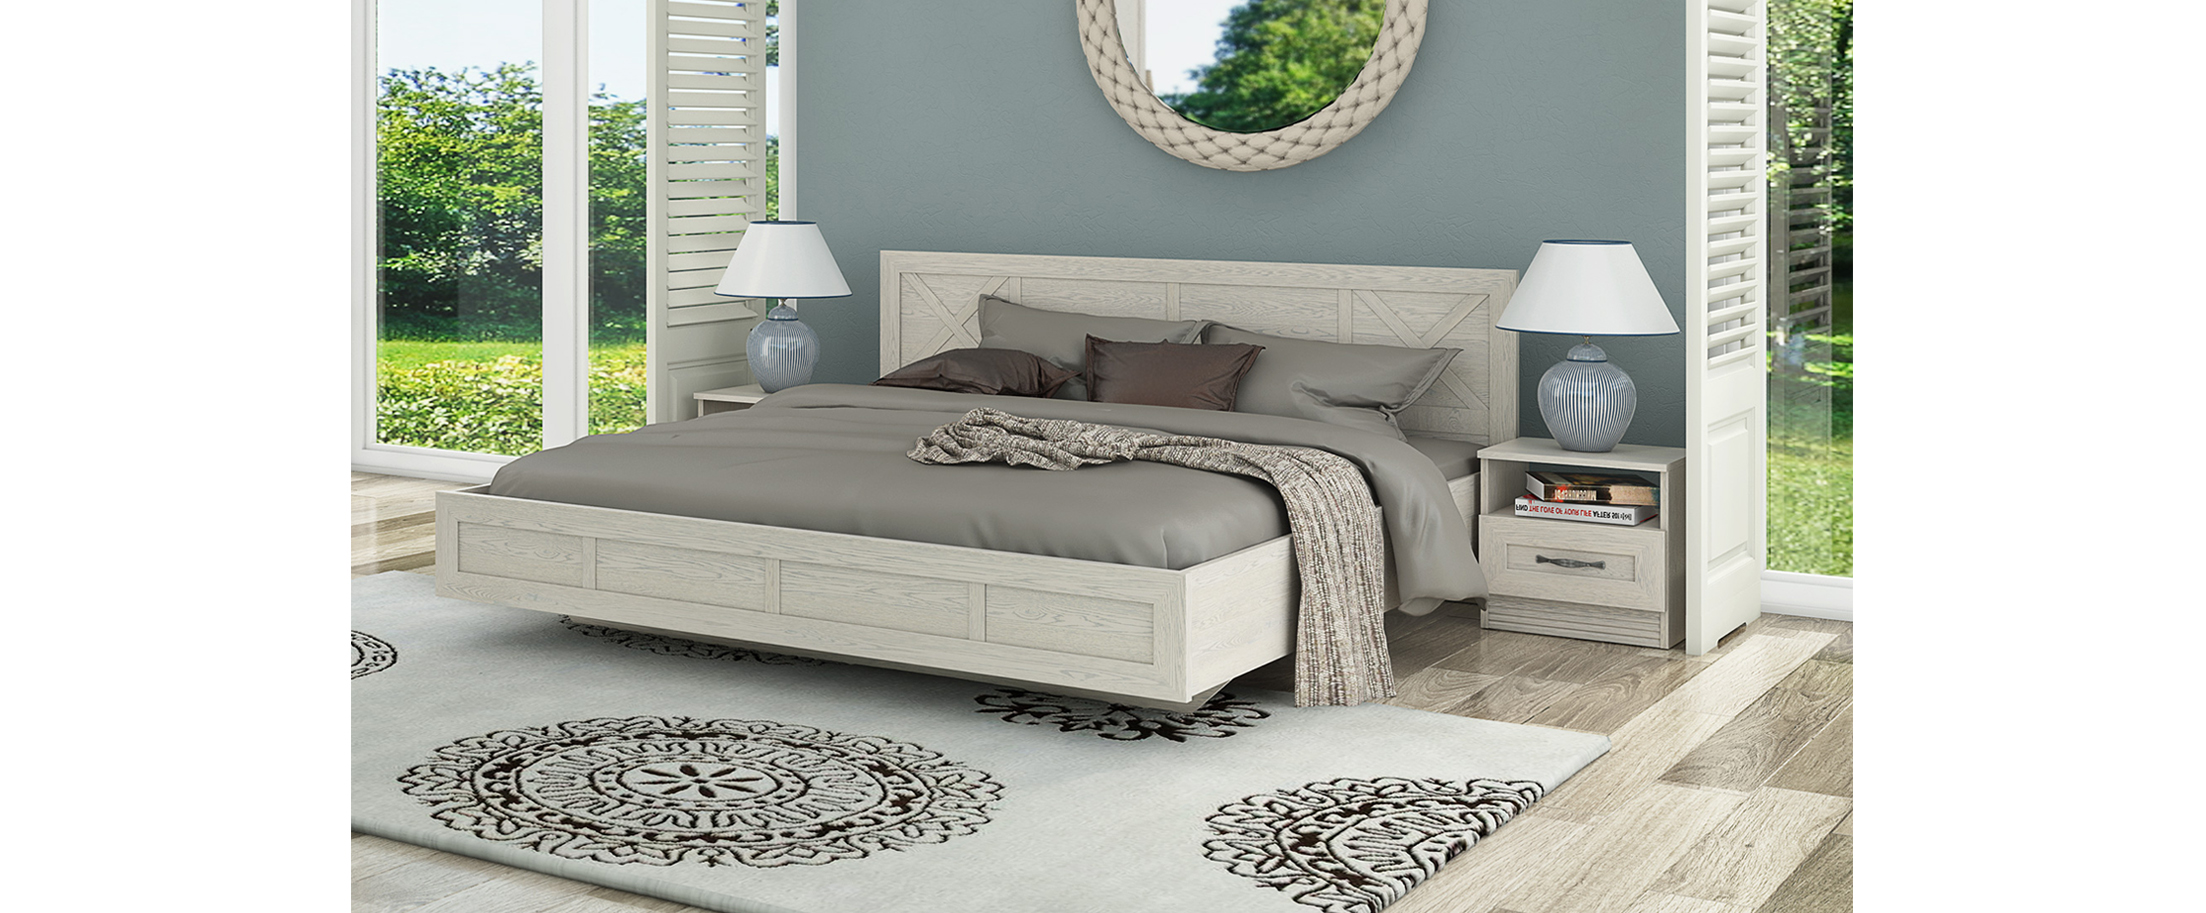 Кровать двуспальная Лозанна Модель 290